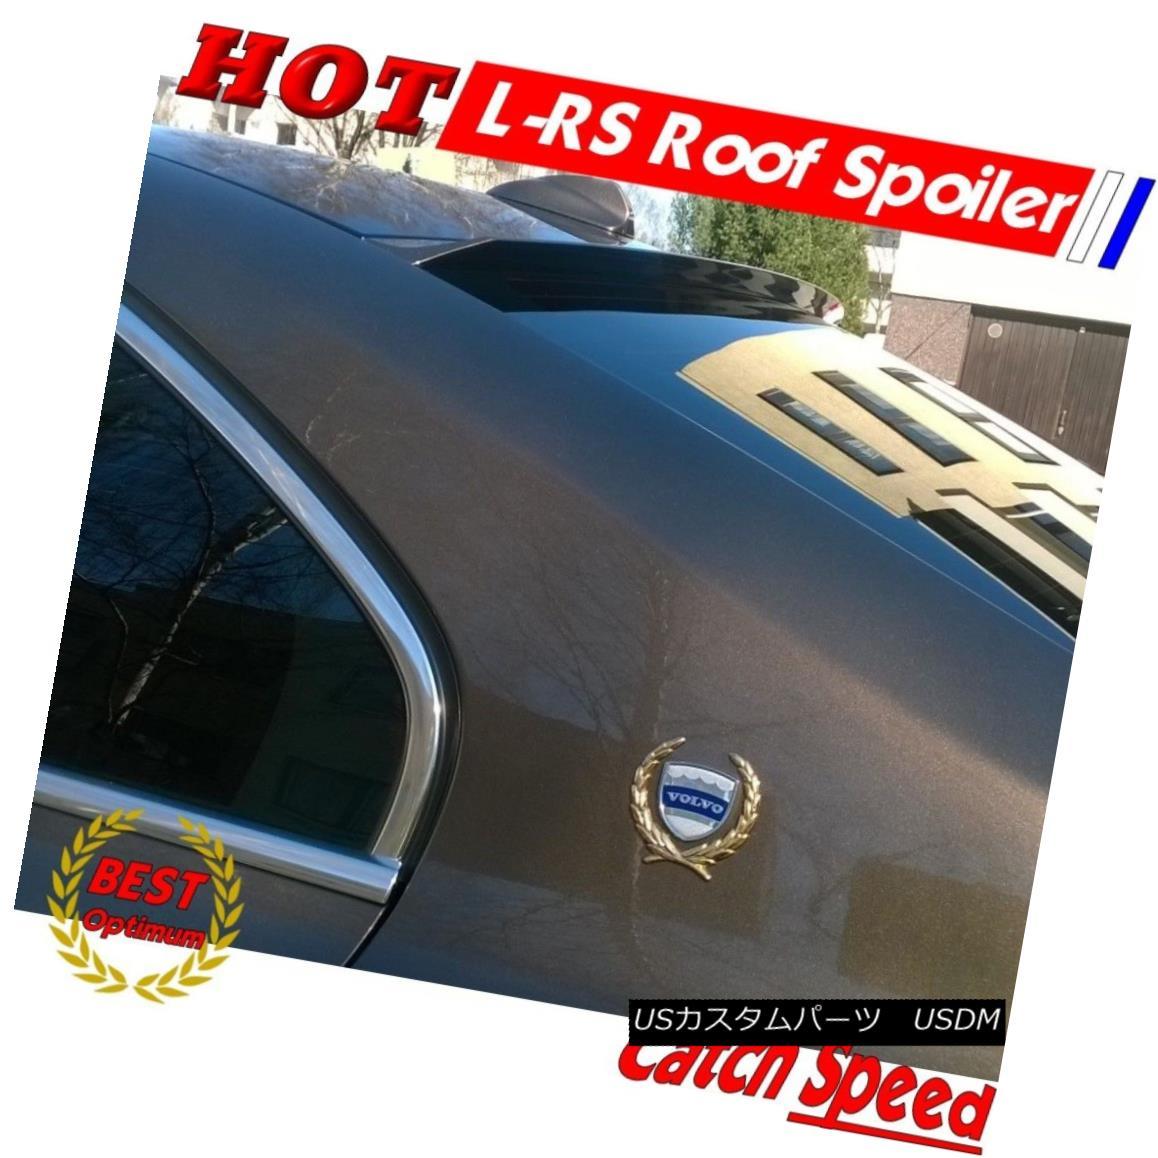 エアロパーツ Flat Black LRS Type Rear Roof Spoiler Wing For Cadillac CTS-V Sedan 2009-2015 ? キャデラックCTS-Vセダン2009-2015のフラットブラックLRSタイプリアルーフスポイラーウィング?